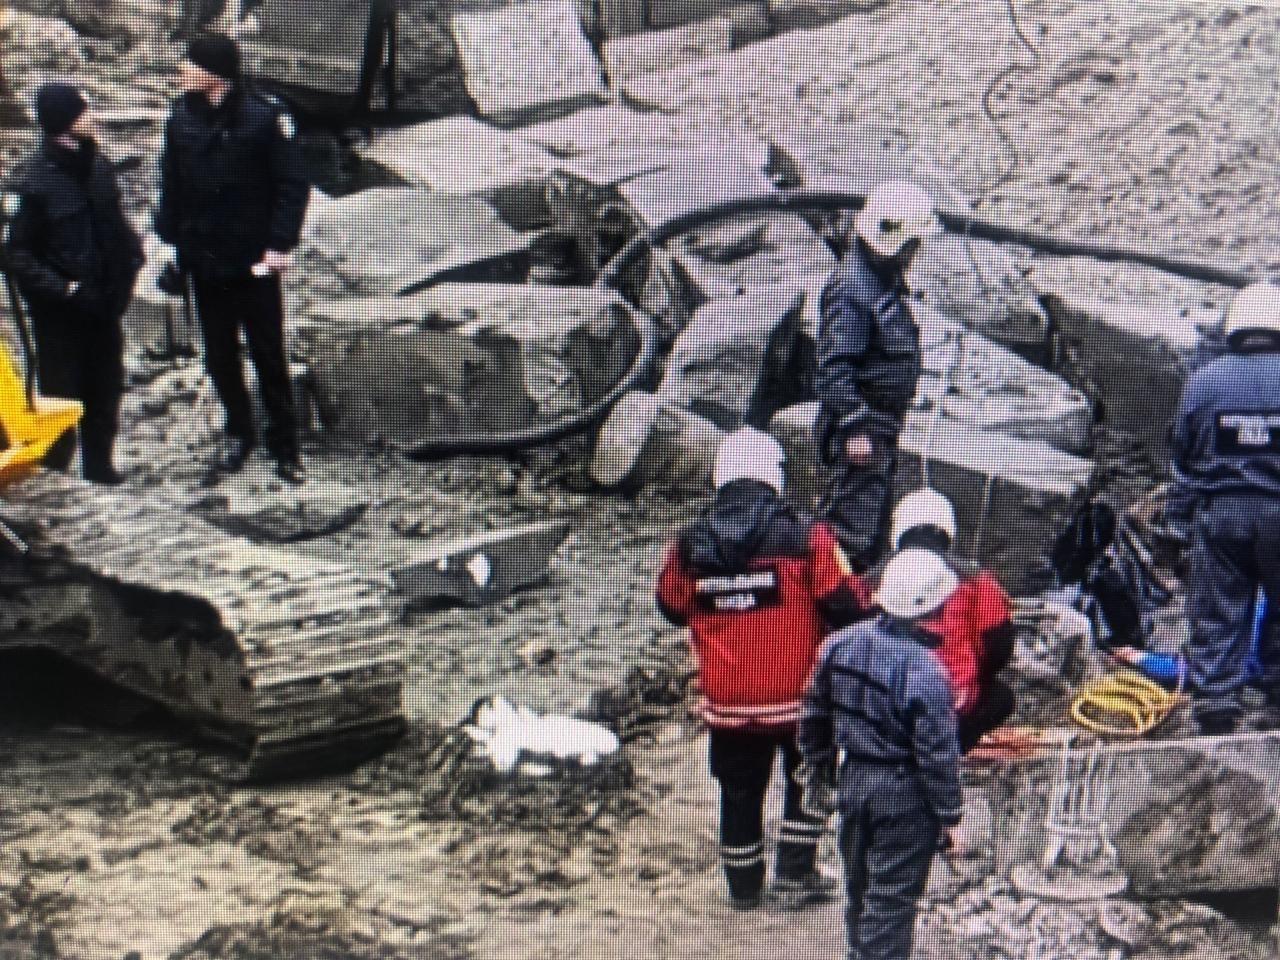 На стройке в Киеве погиб подросток. Виновные будут наказаны